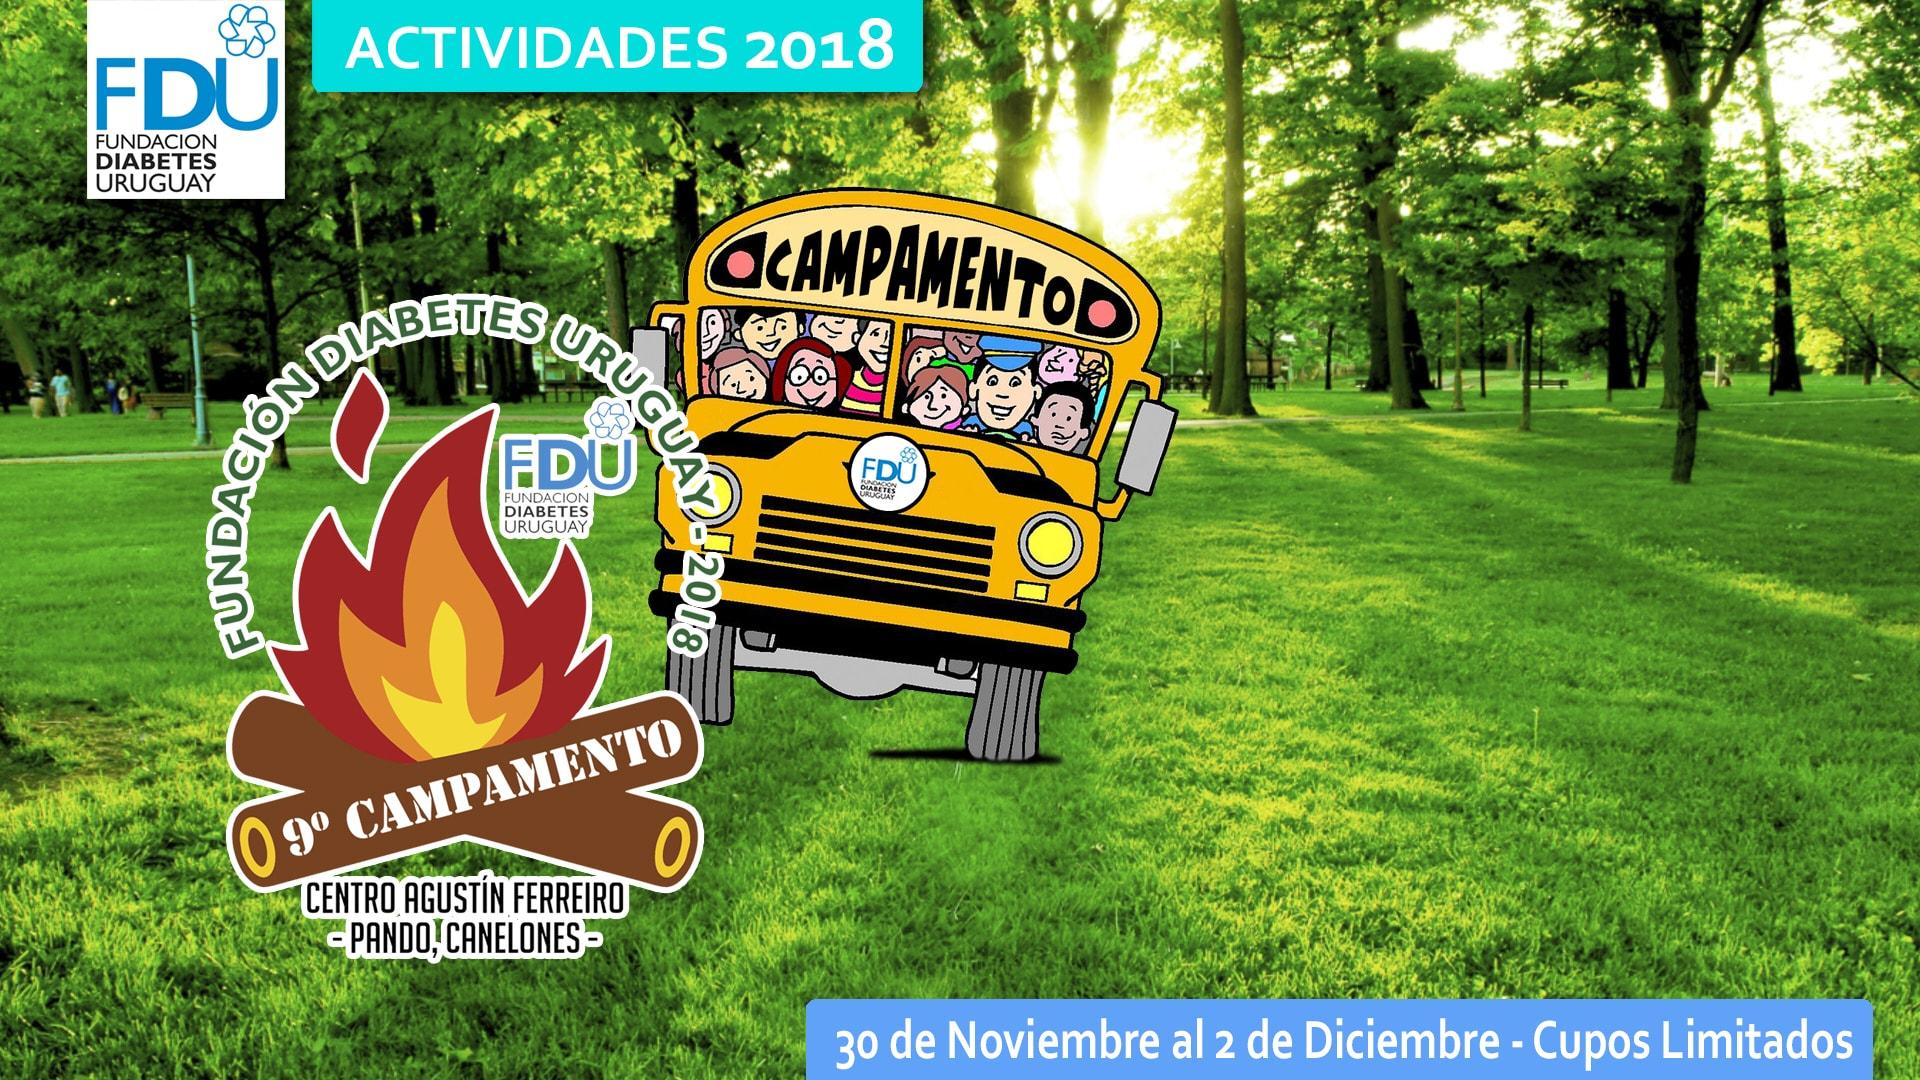 Campamento 2018 FDU